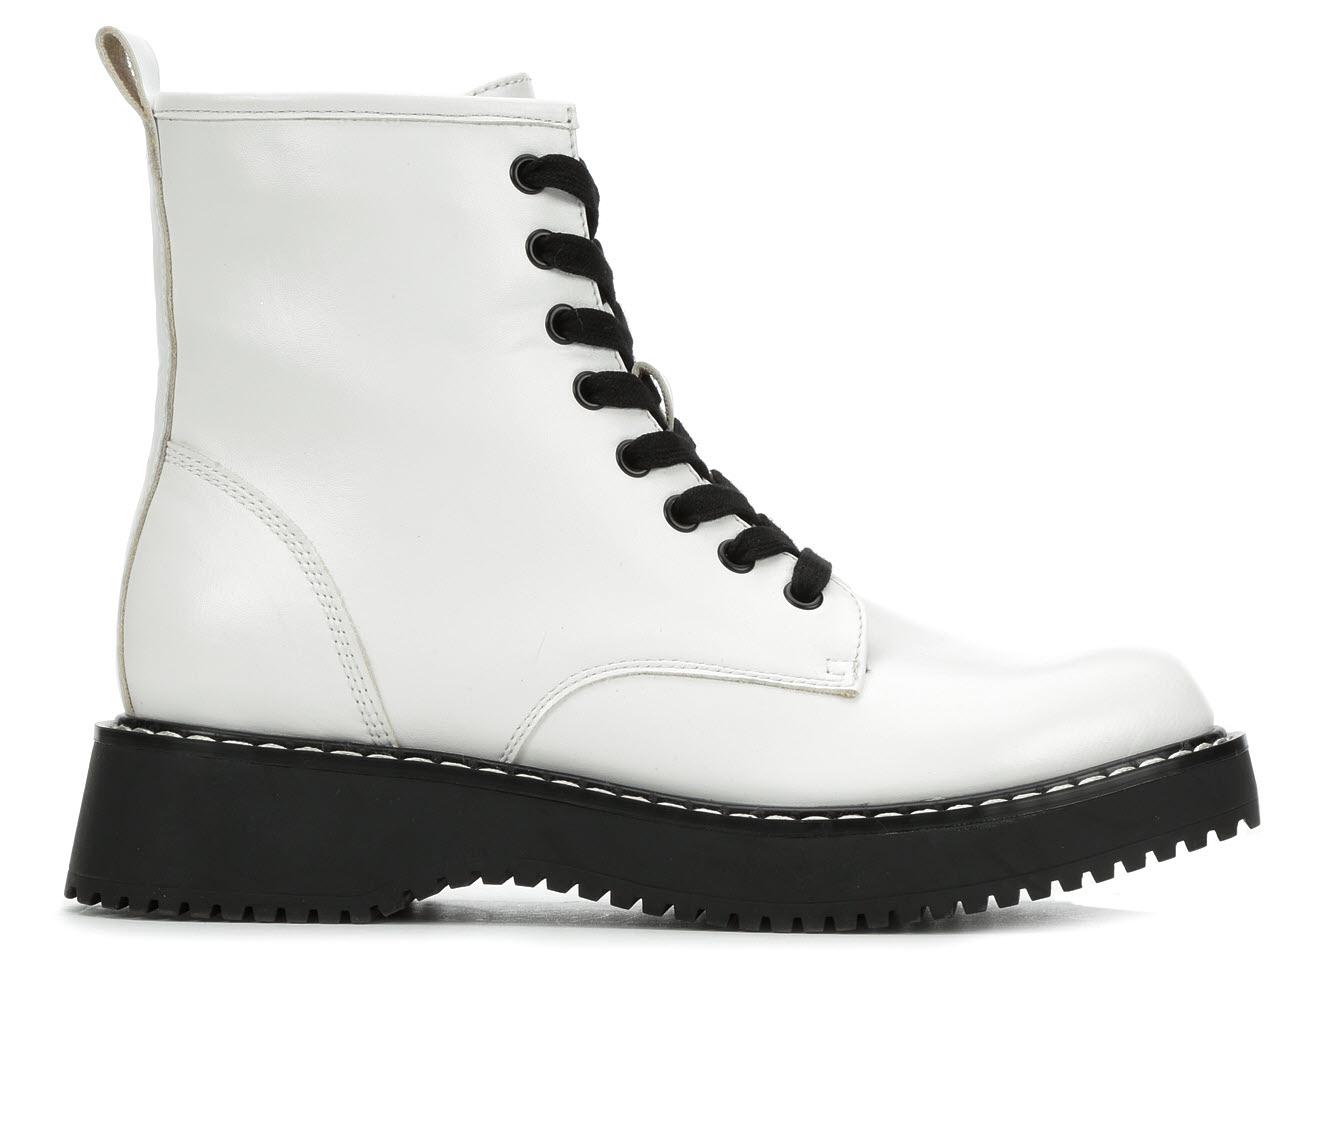 Madden Girl Kurrt Women's Boot (White Faux Leather)